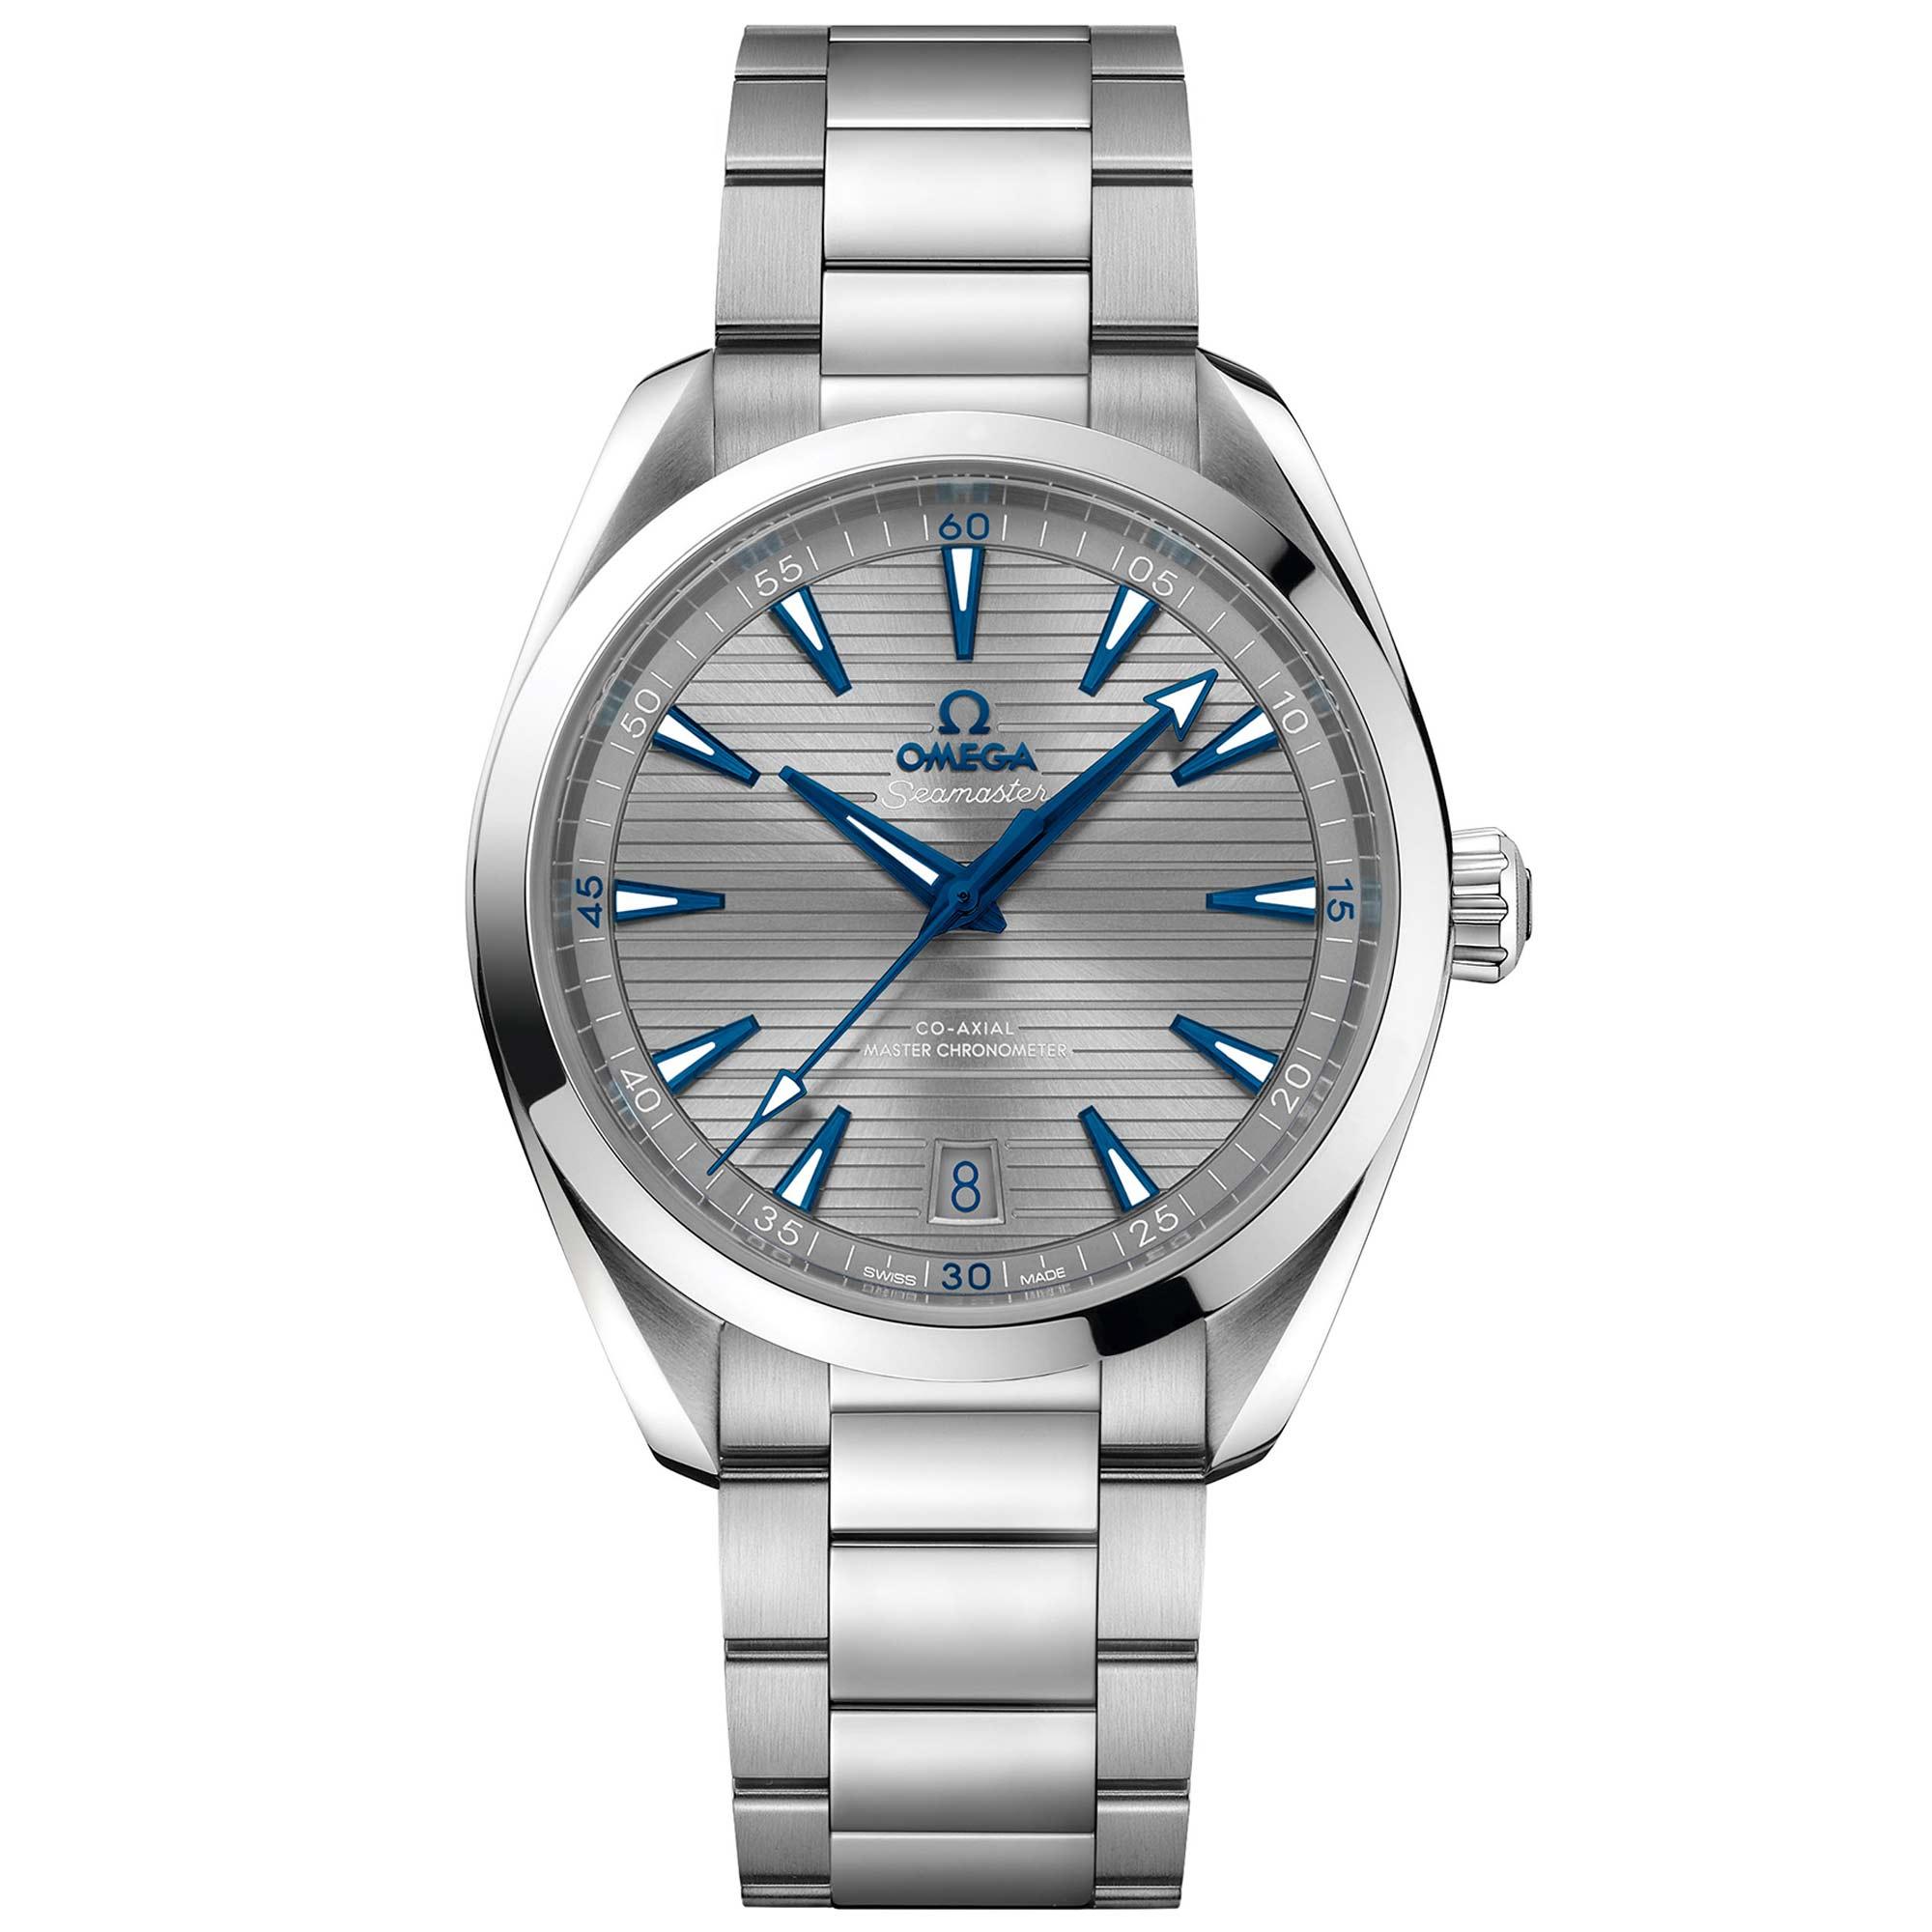 Omega - Seamaster Aqua Terra 150 M Co-Axial Master Chronometer